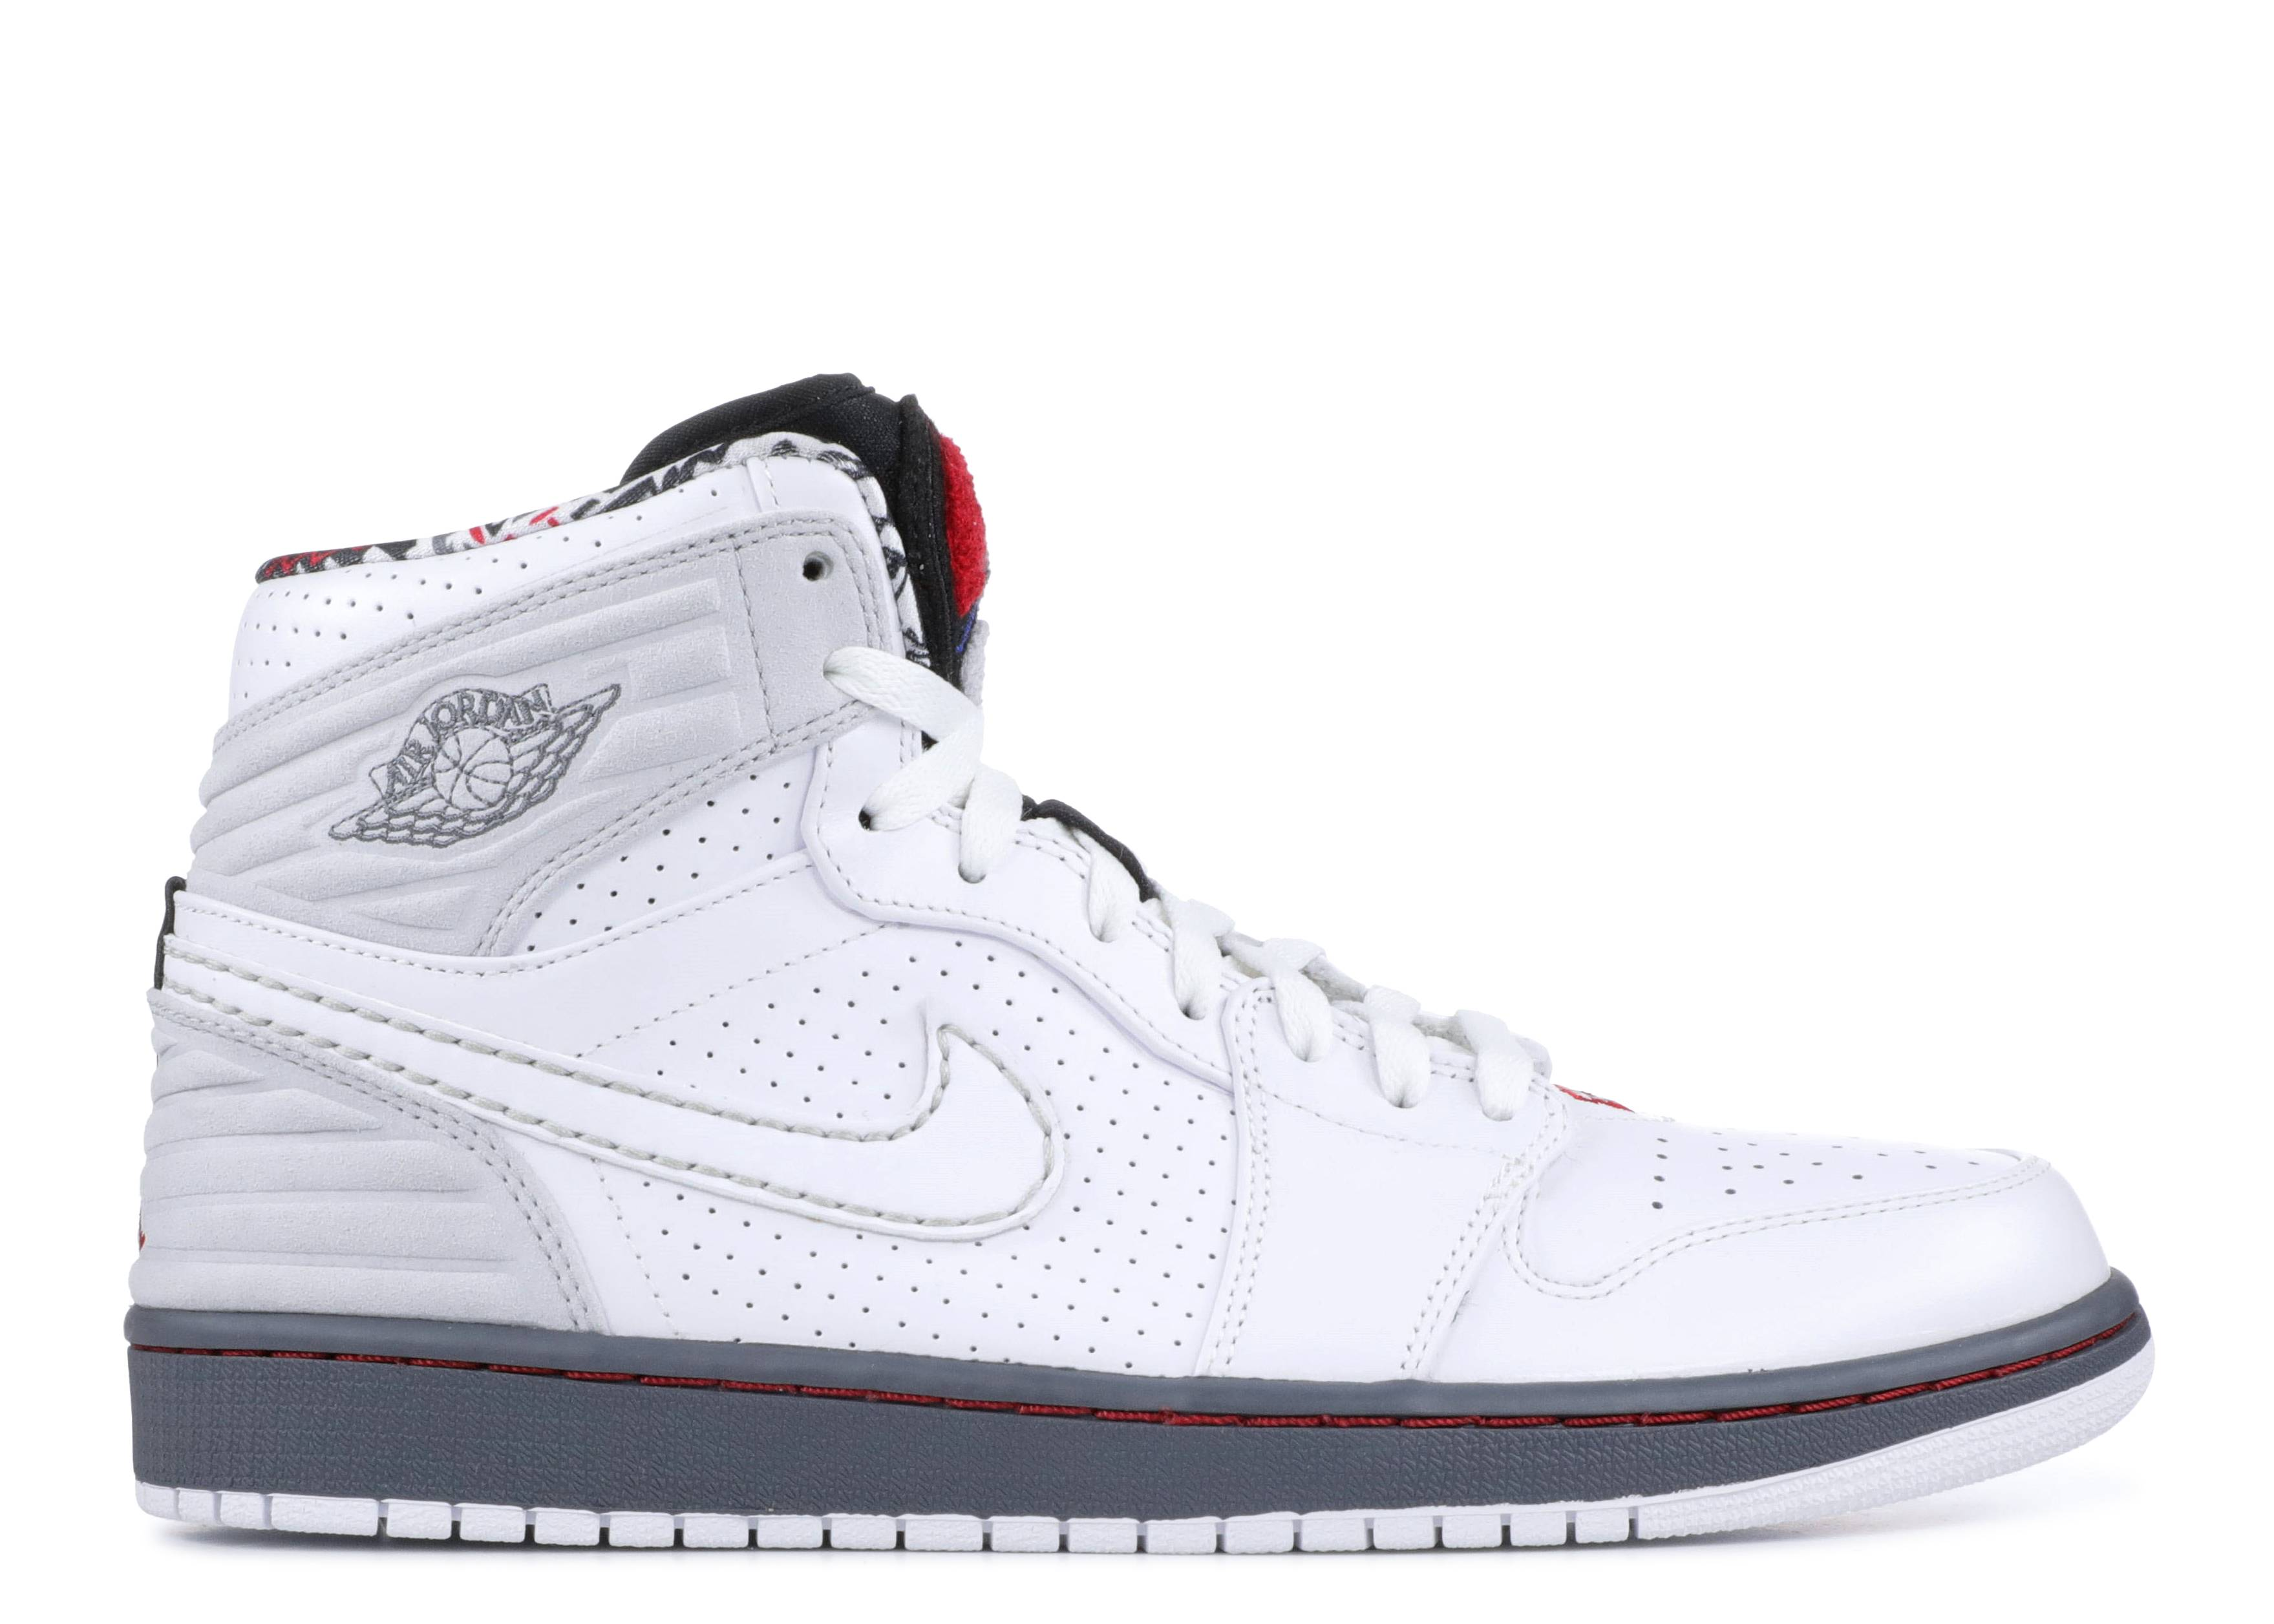 3a0e96bd8e Air Jordan 1 Retro '93